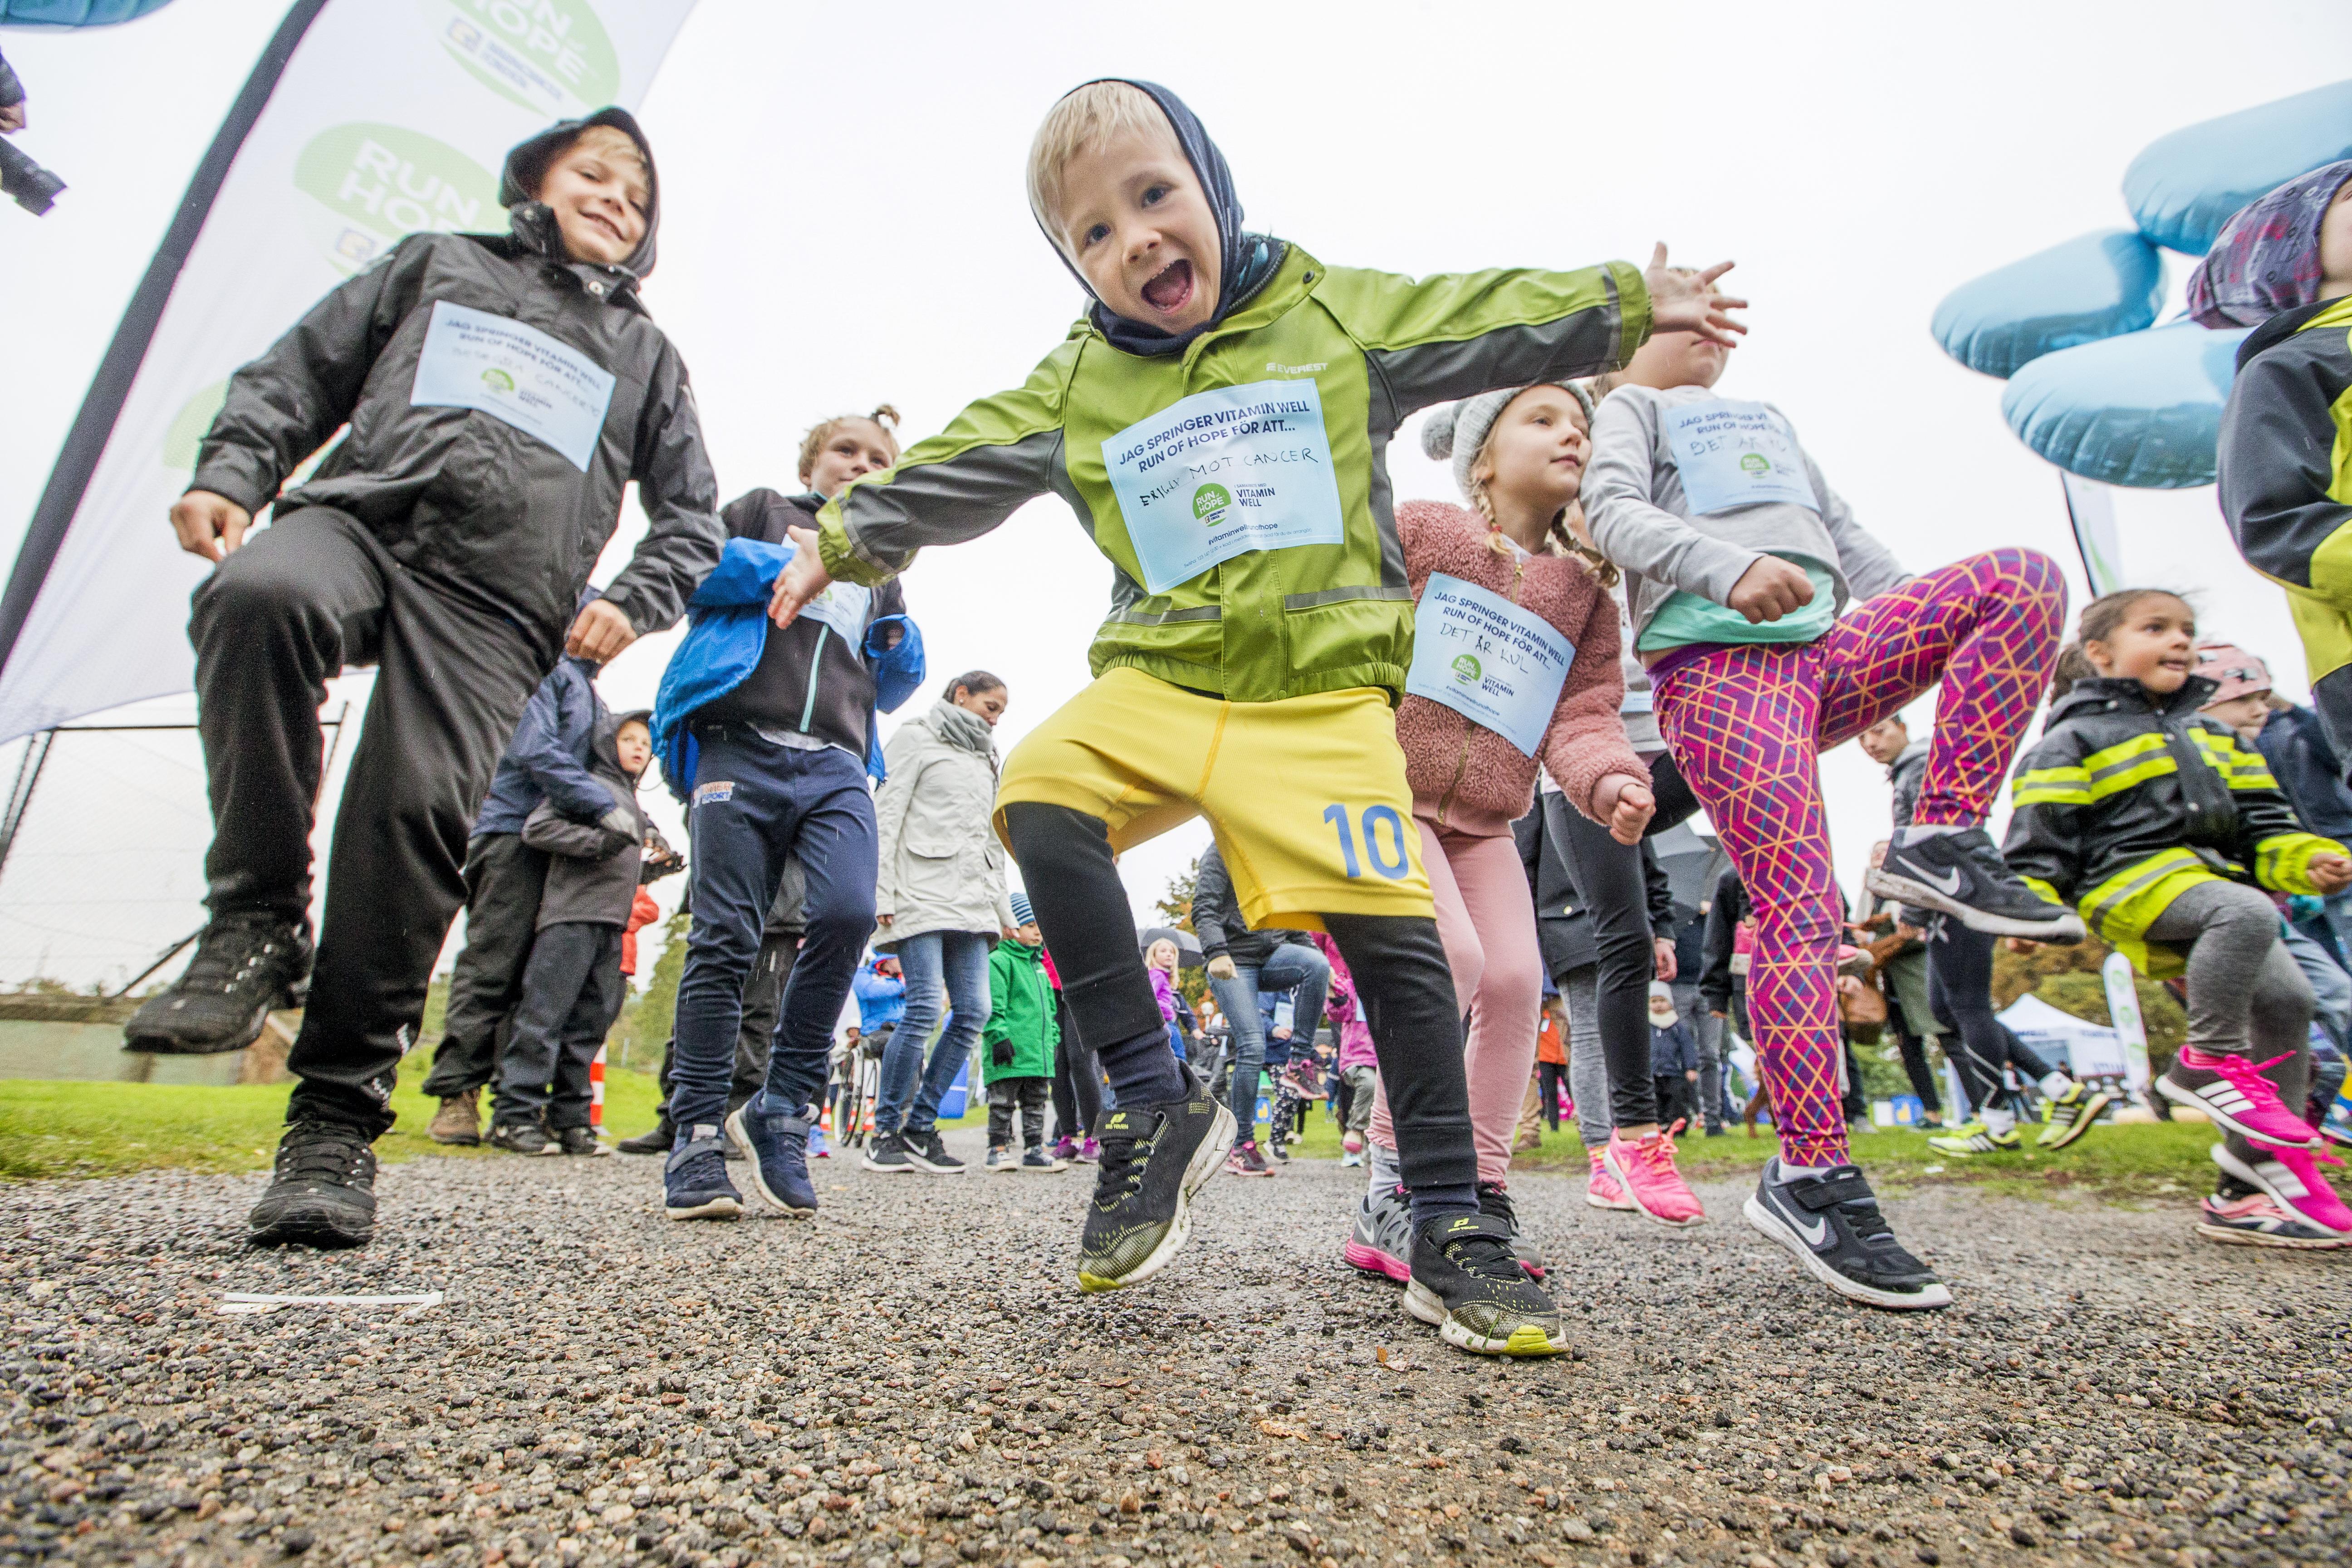 Årets omgångar av Run of Hope och Walk of Hope samlade totalt in 2,3 miljoner kronor.